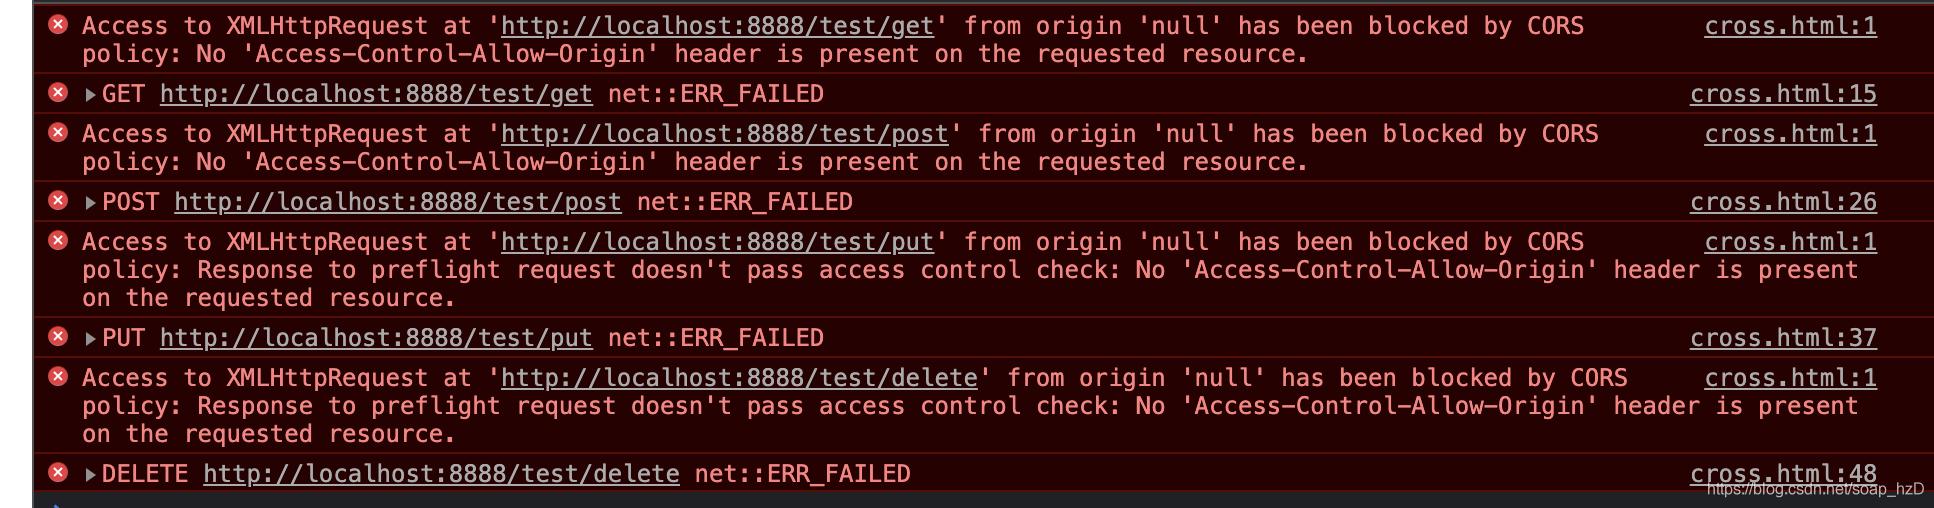 跨域问题触发时浏览器控制台的报错信息